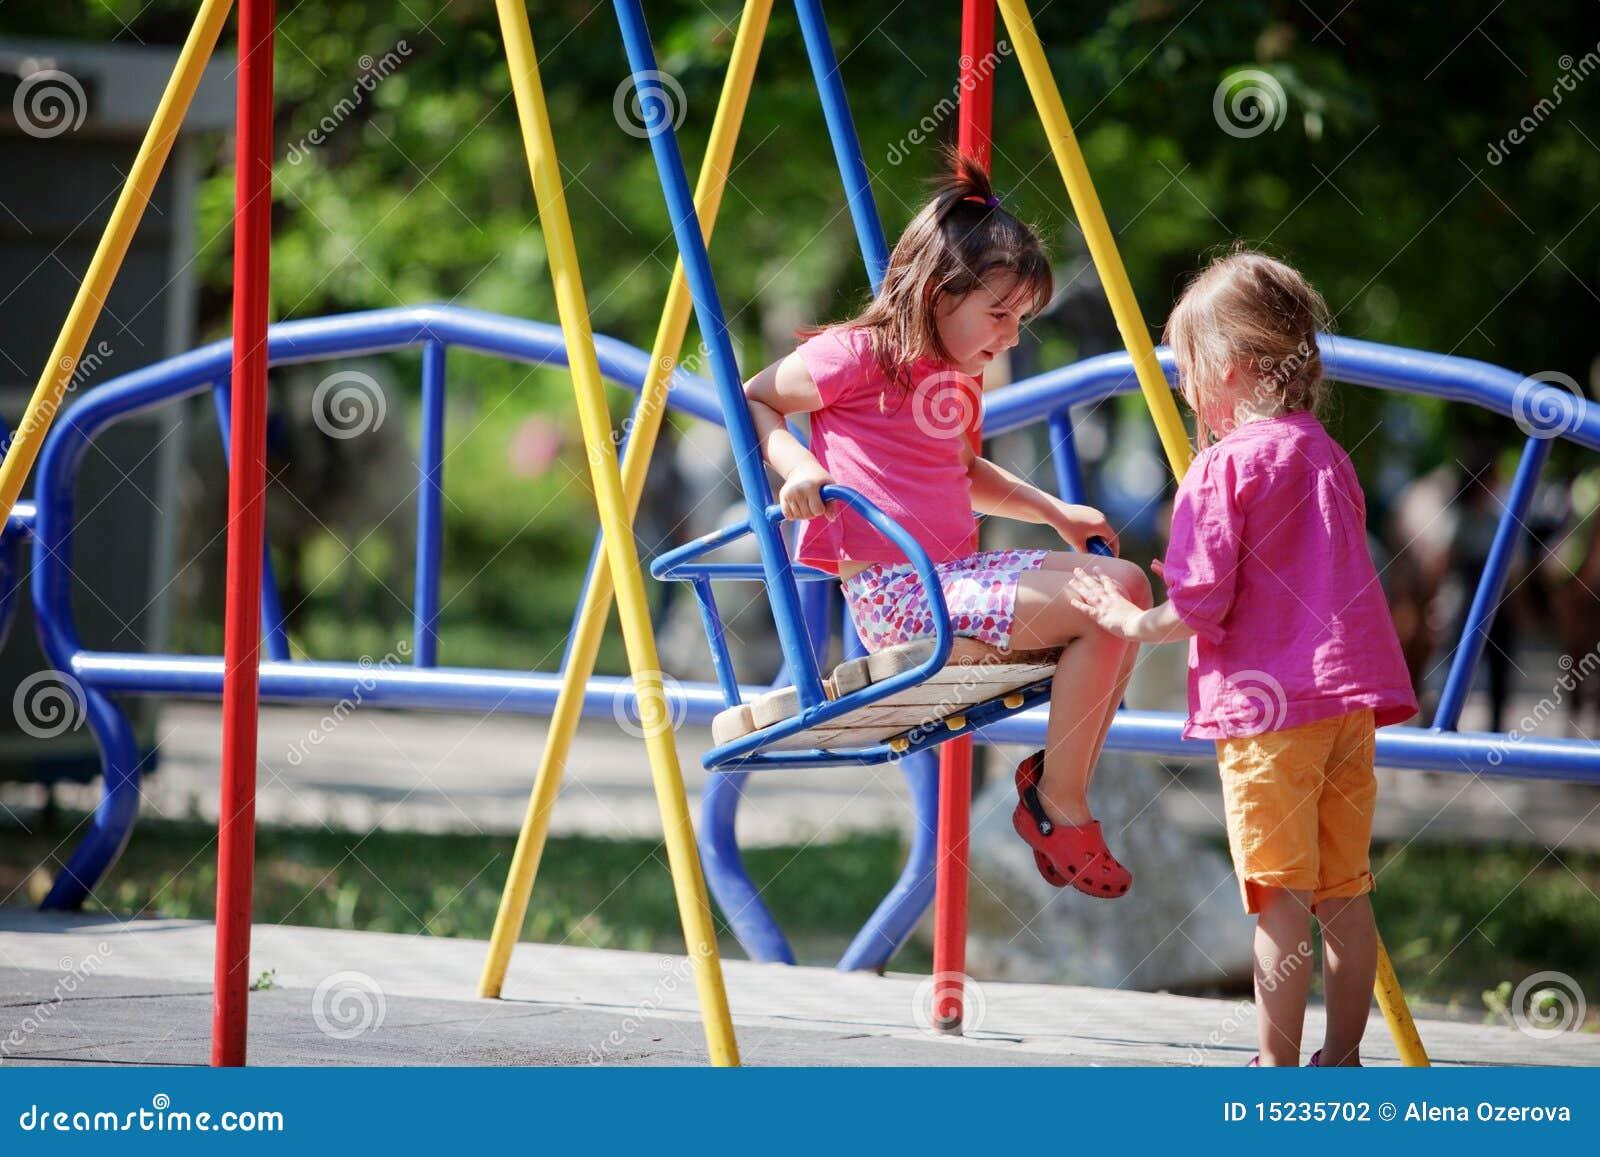 Enfants sur la cour de jeu